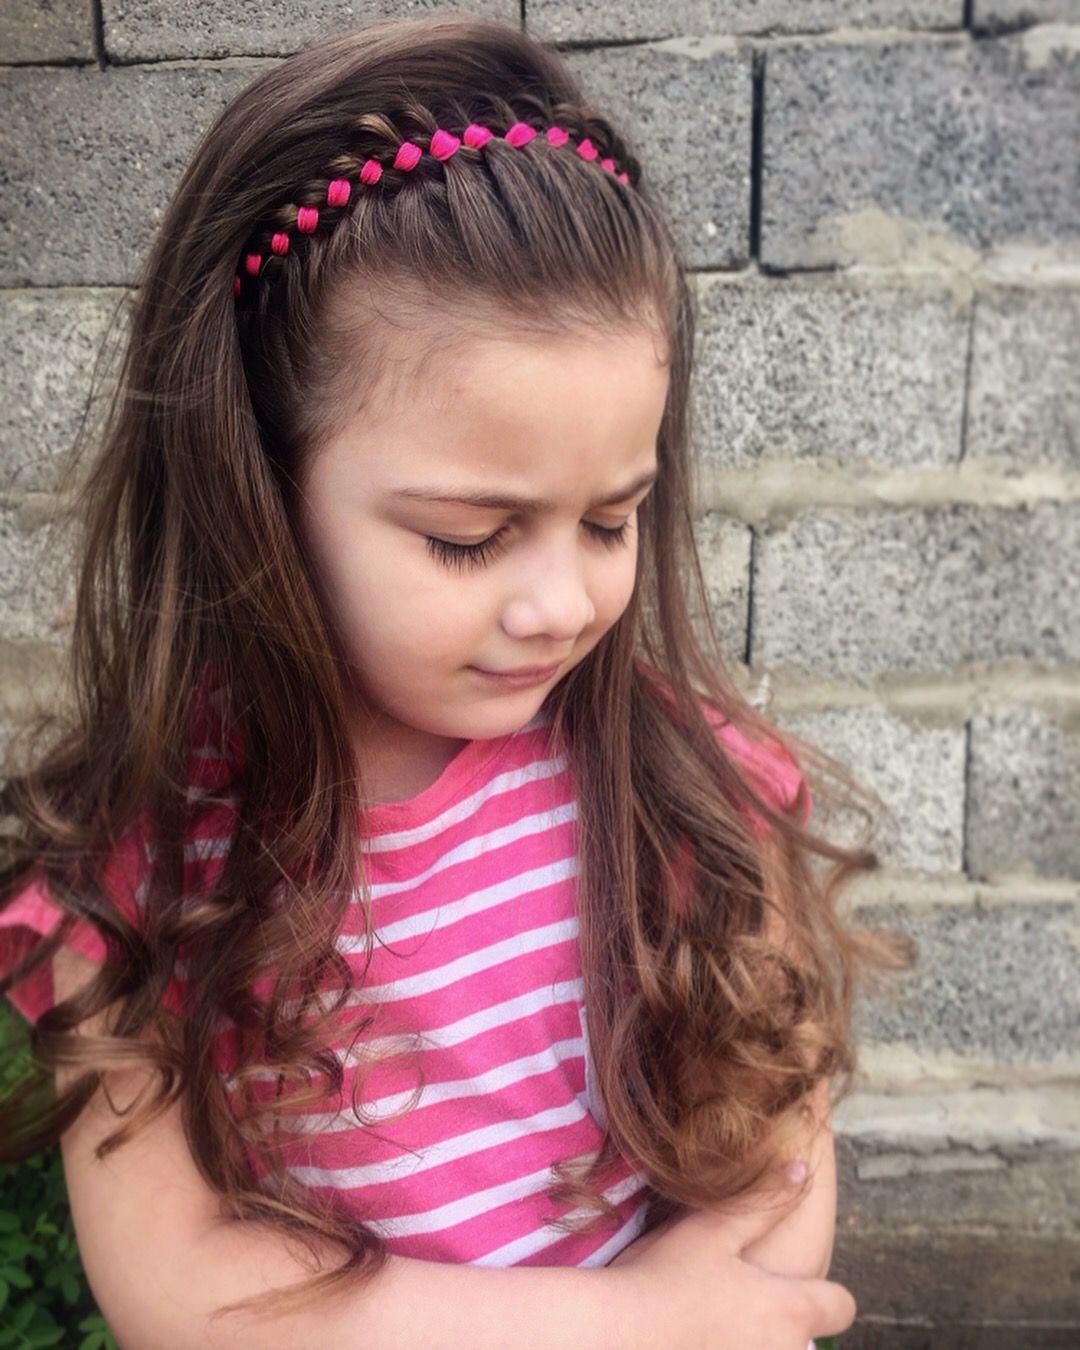 De moda peinados infantiles Galería De Consejos De Color De Pelo - Pin de Роза Гарумова en Braids ideas Причёски из кос ...